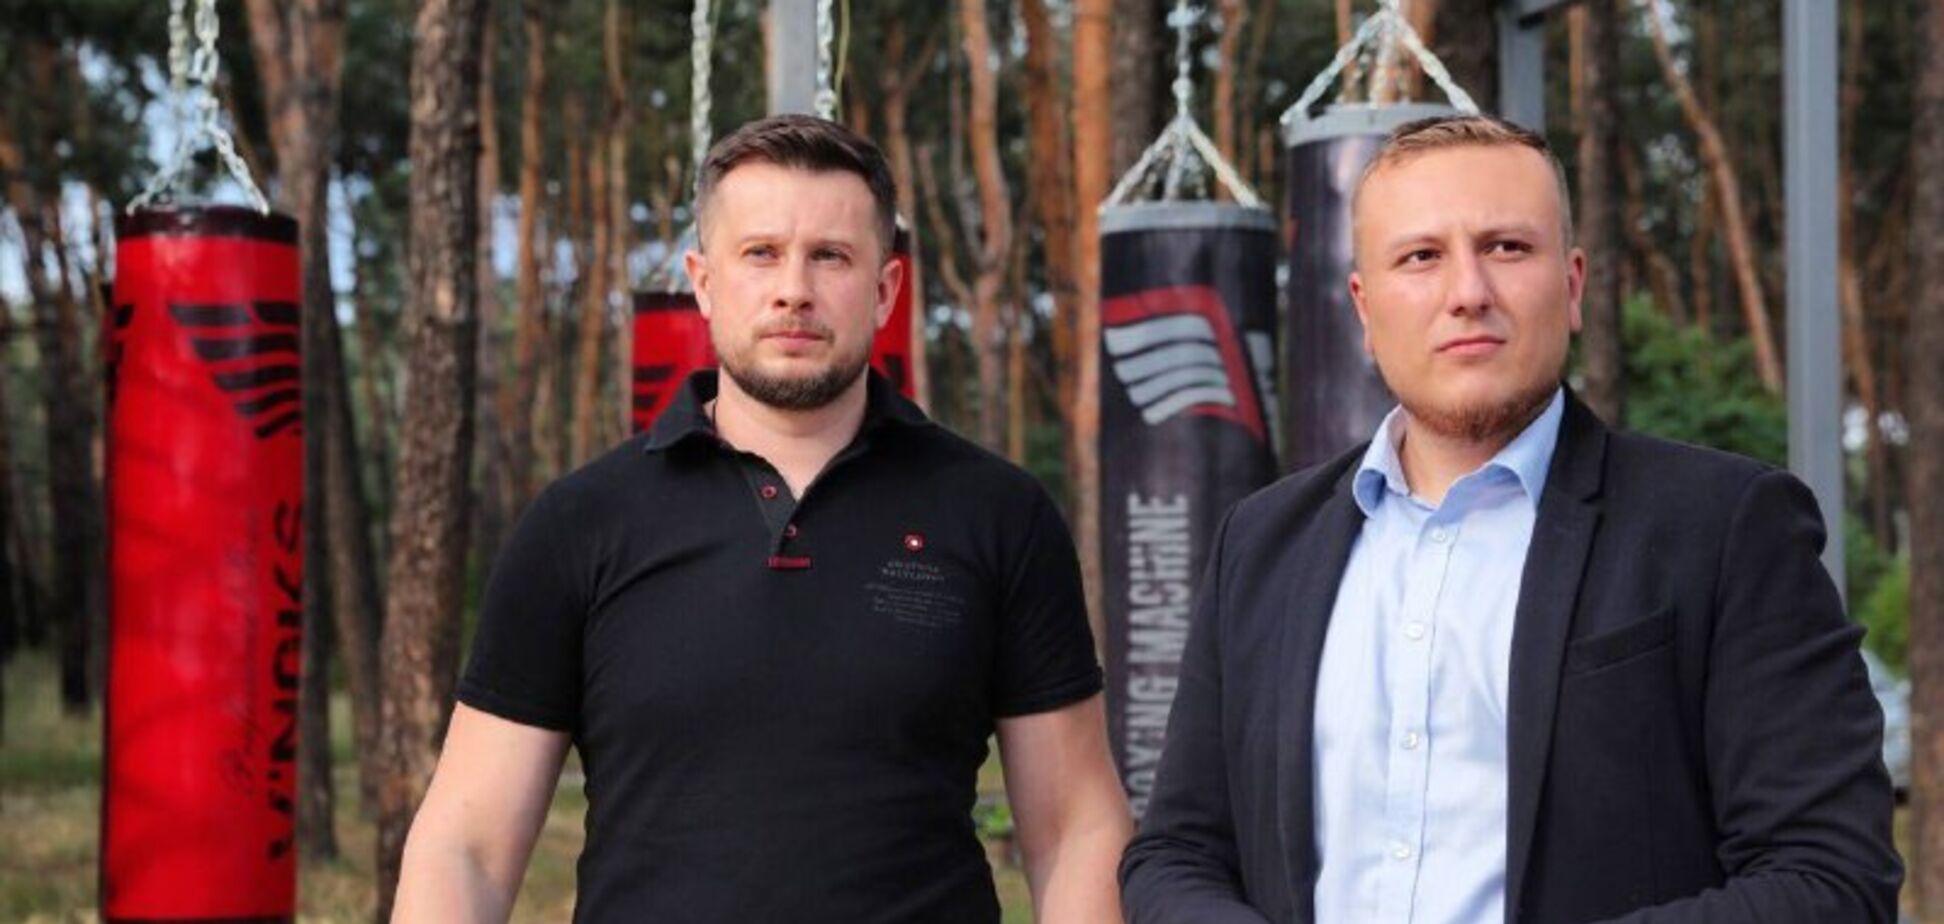 Представитель 'Нацкорпуса' будет баллотироваться на должность мэра Харькова